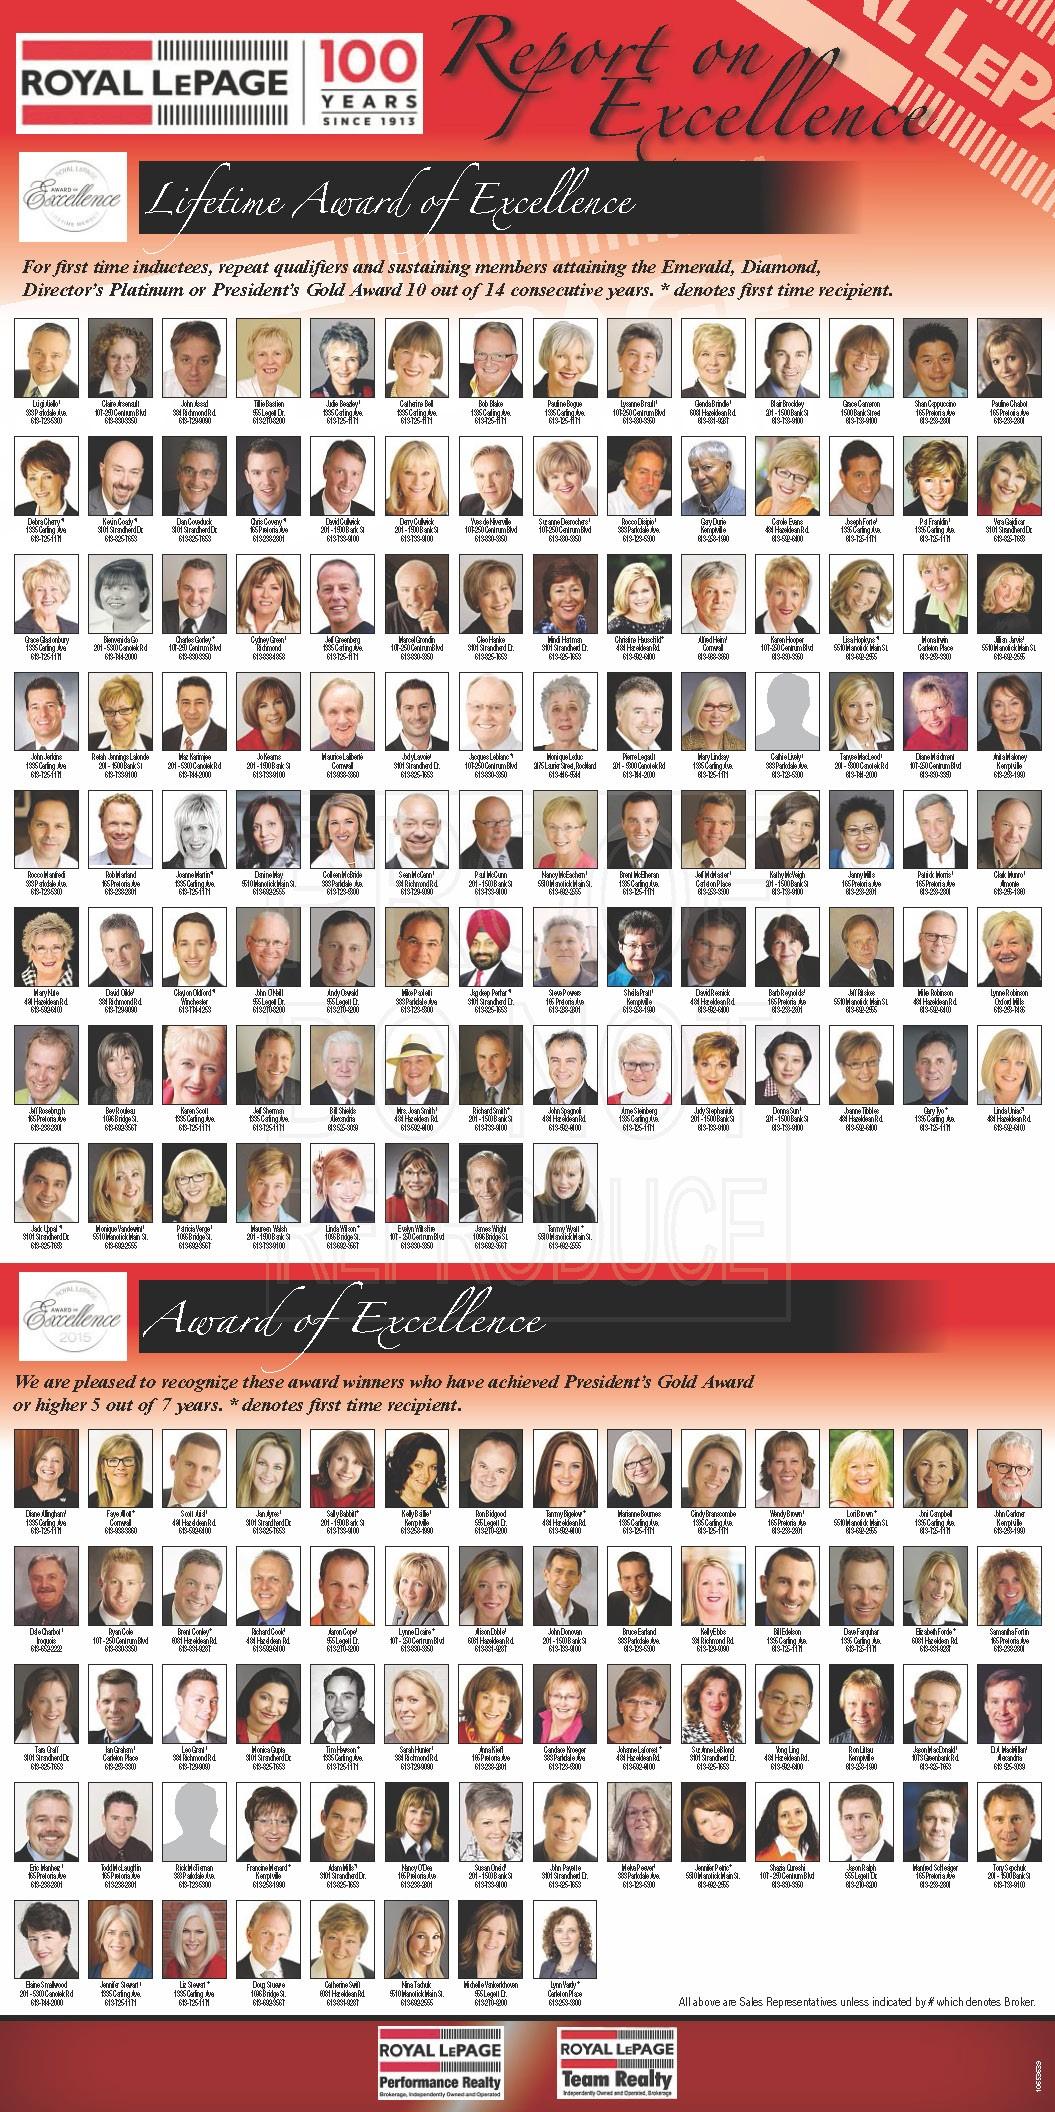 Congrats_Award of Excellence